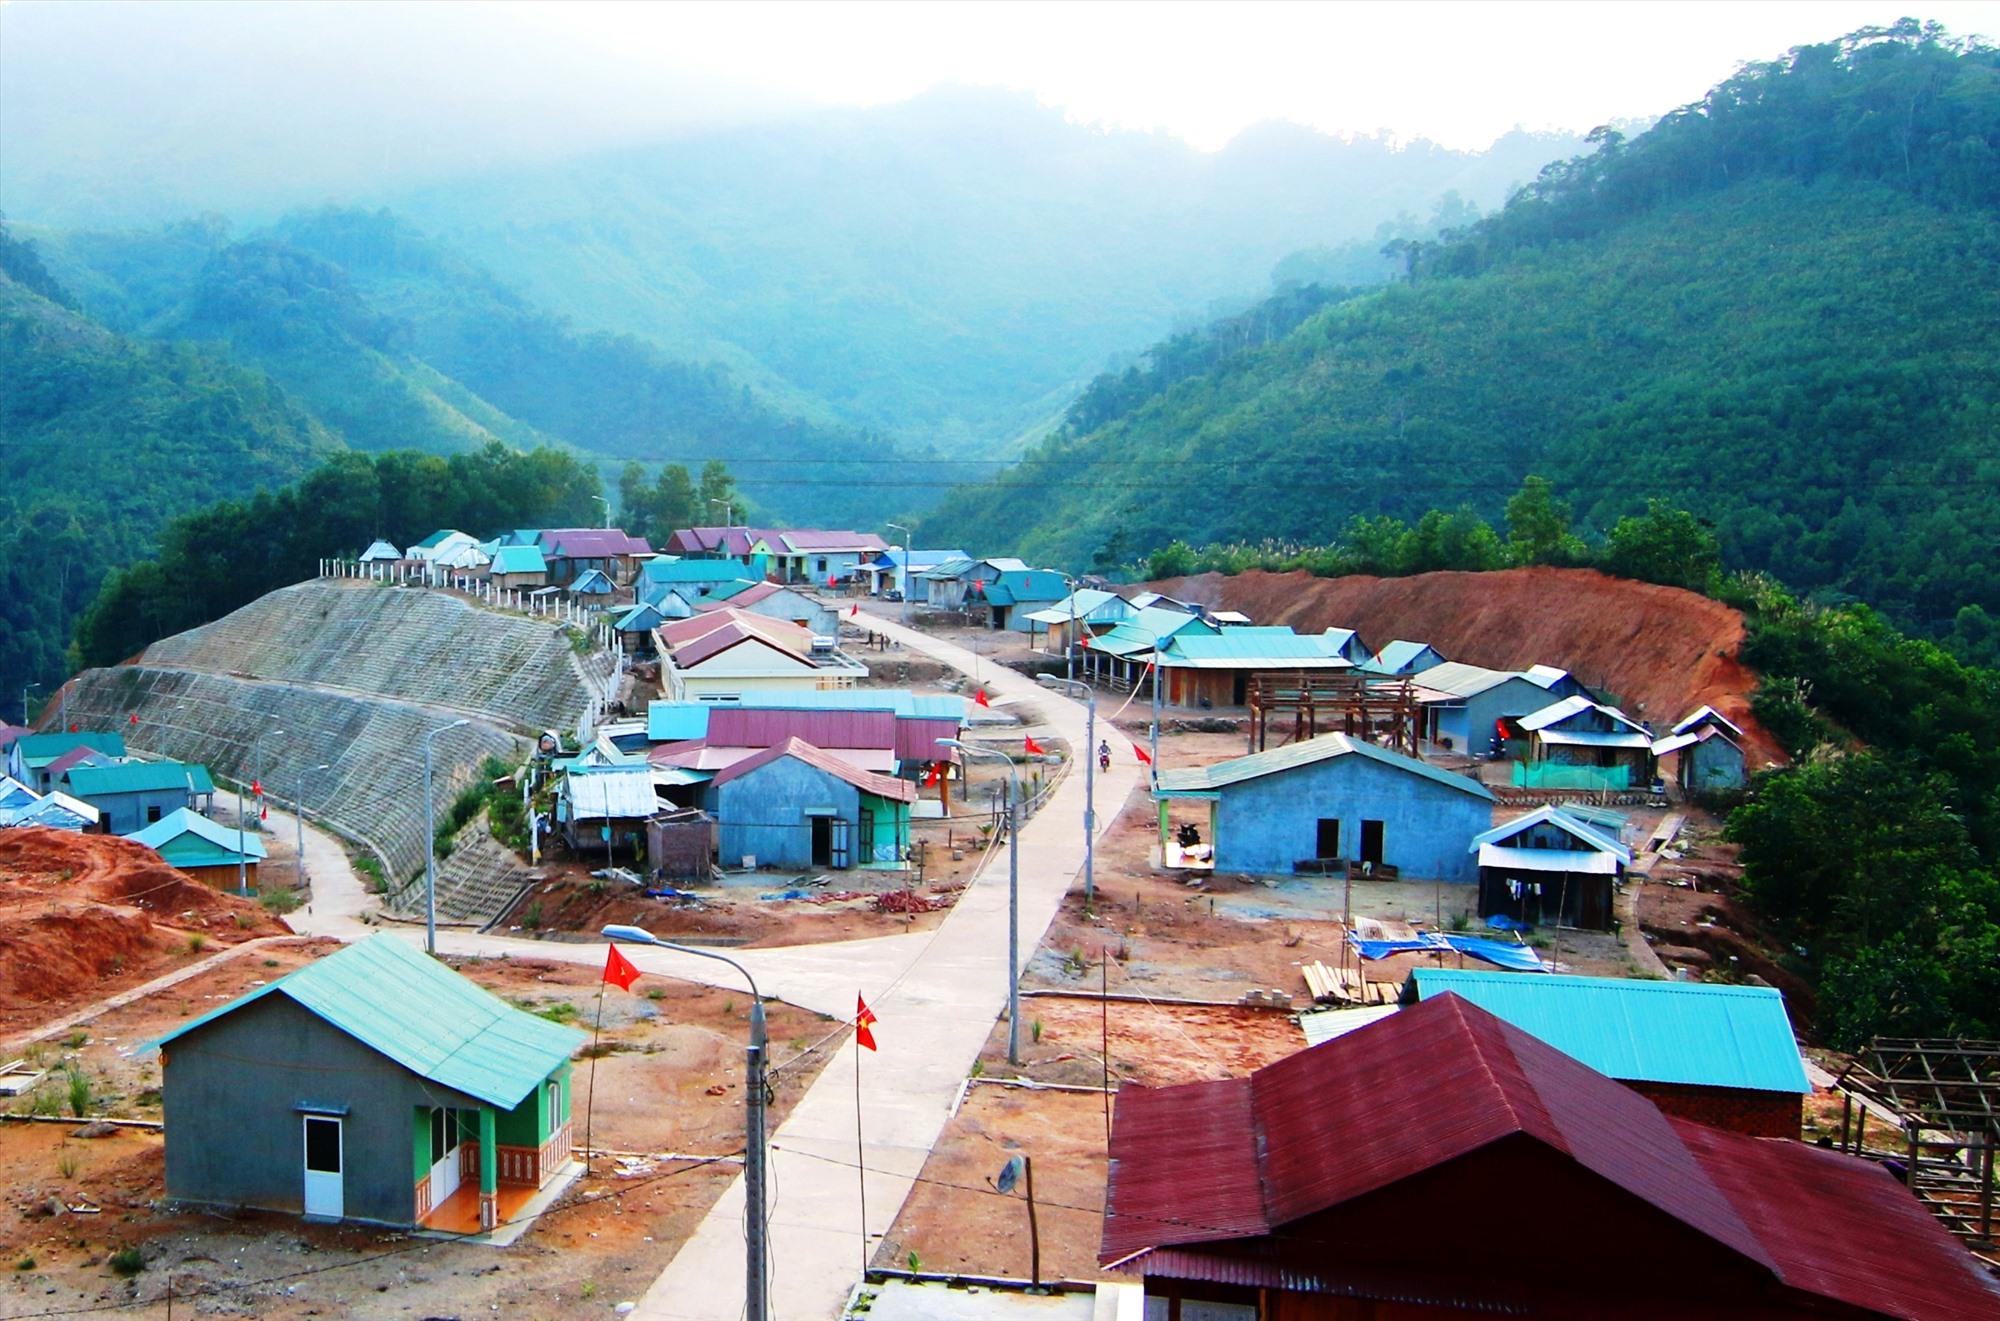 Dấu ấn tái định cư làm thay đổi bộ mặt nông thôn miền núi Đông Giang. Ảnh: ALĂNG NGƯỚC